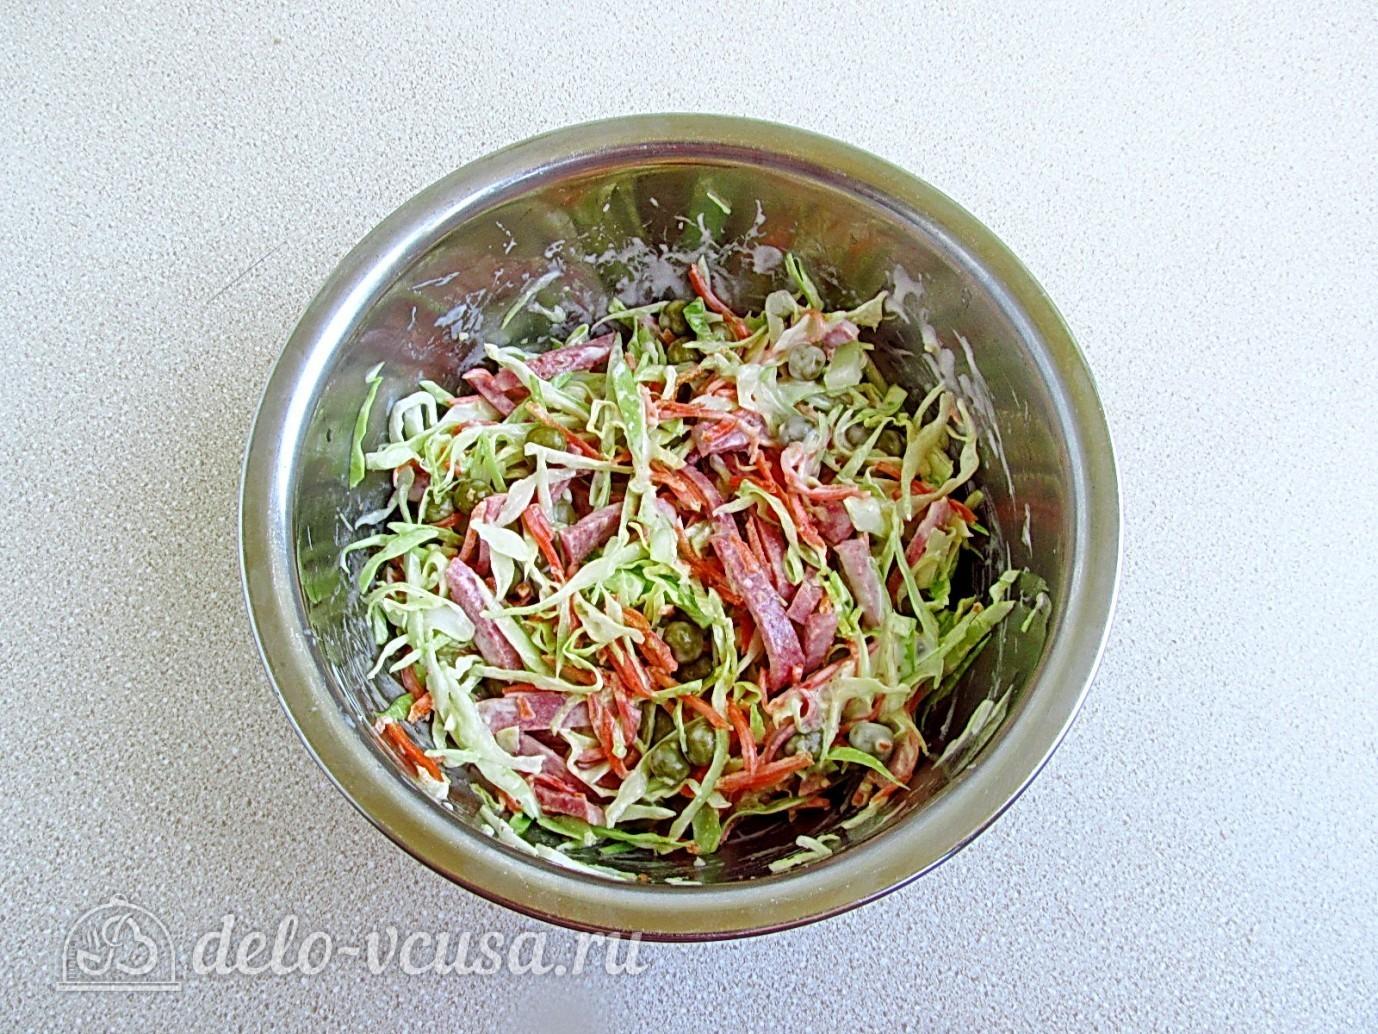 рецепт салата с морковкой и с колбасой